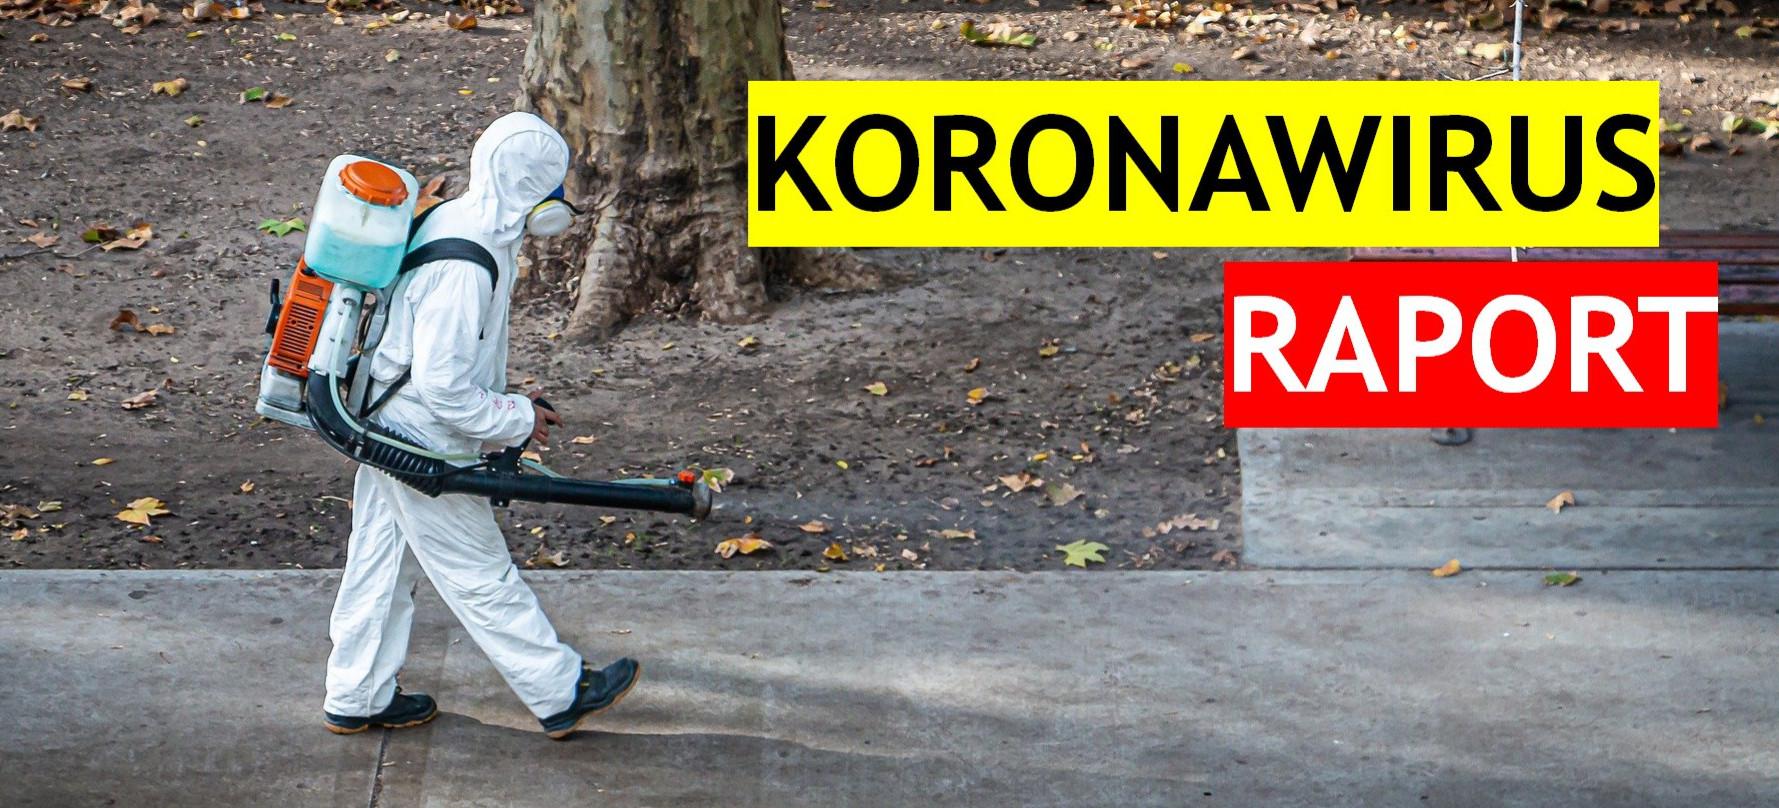 26 nowych przypadków koronawirusa na Podkarpaciu. RAPORT